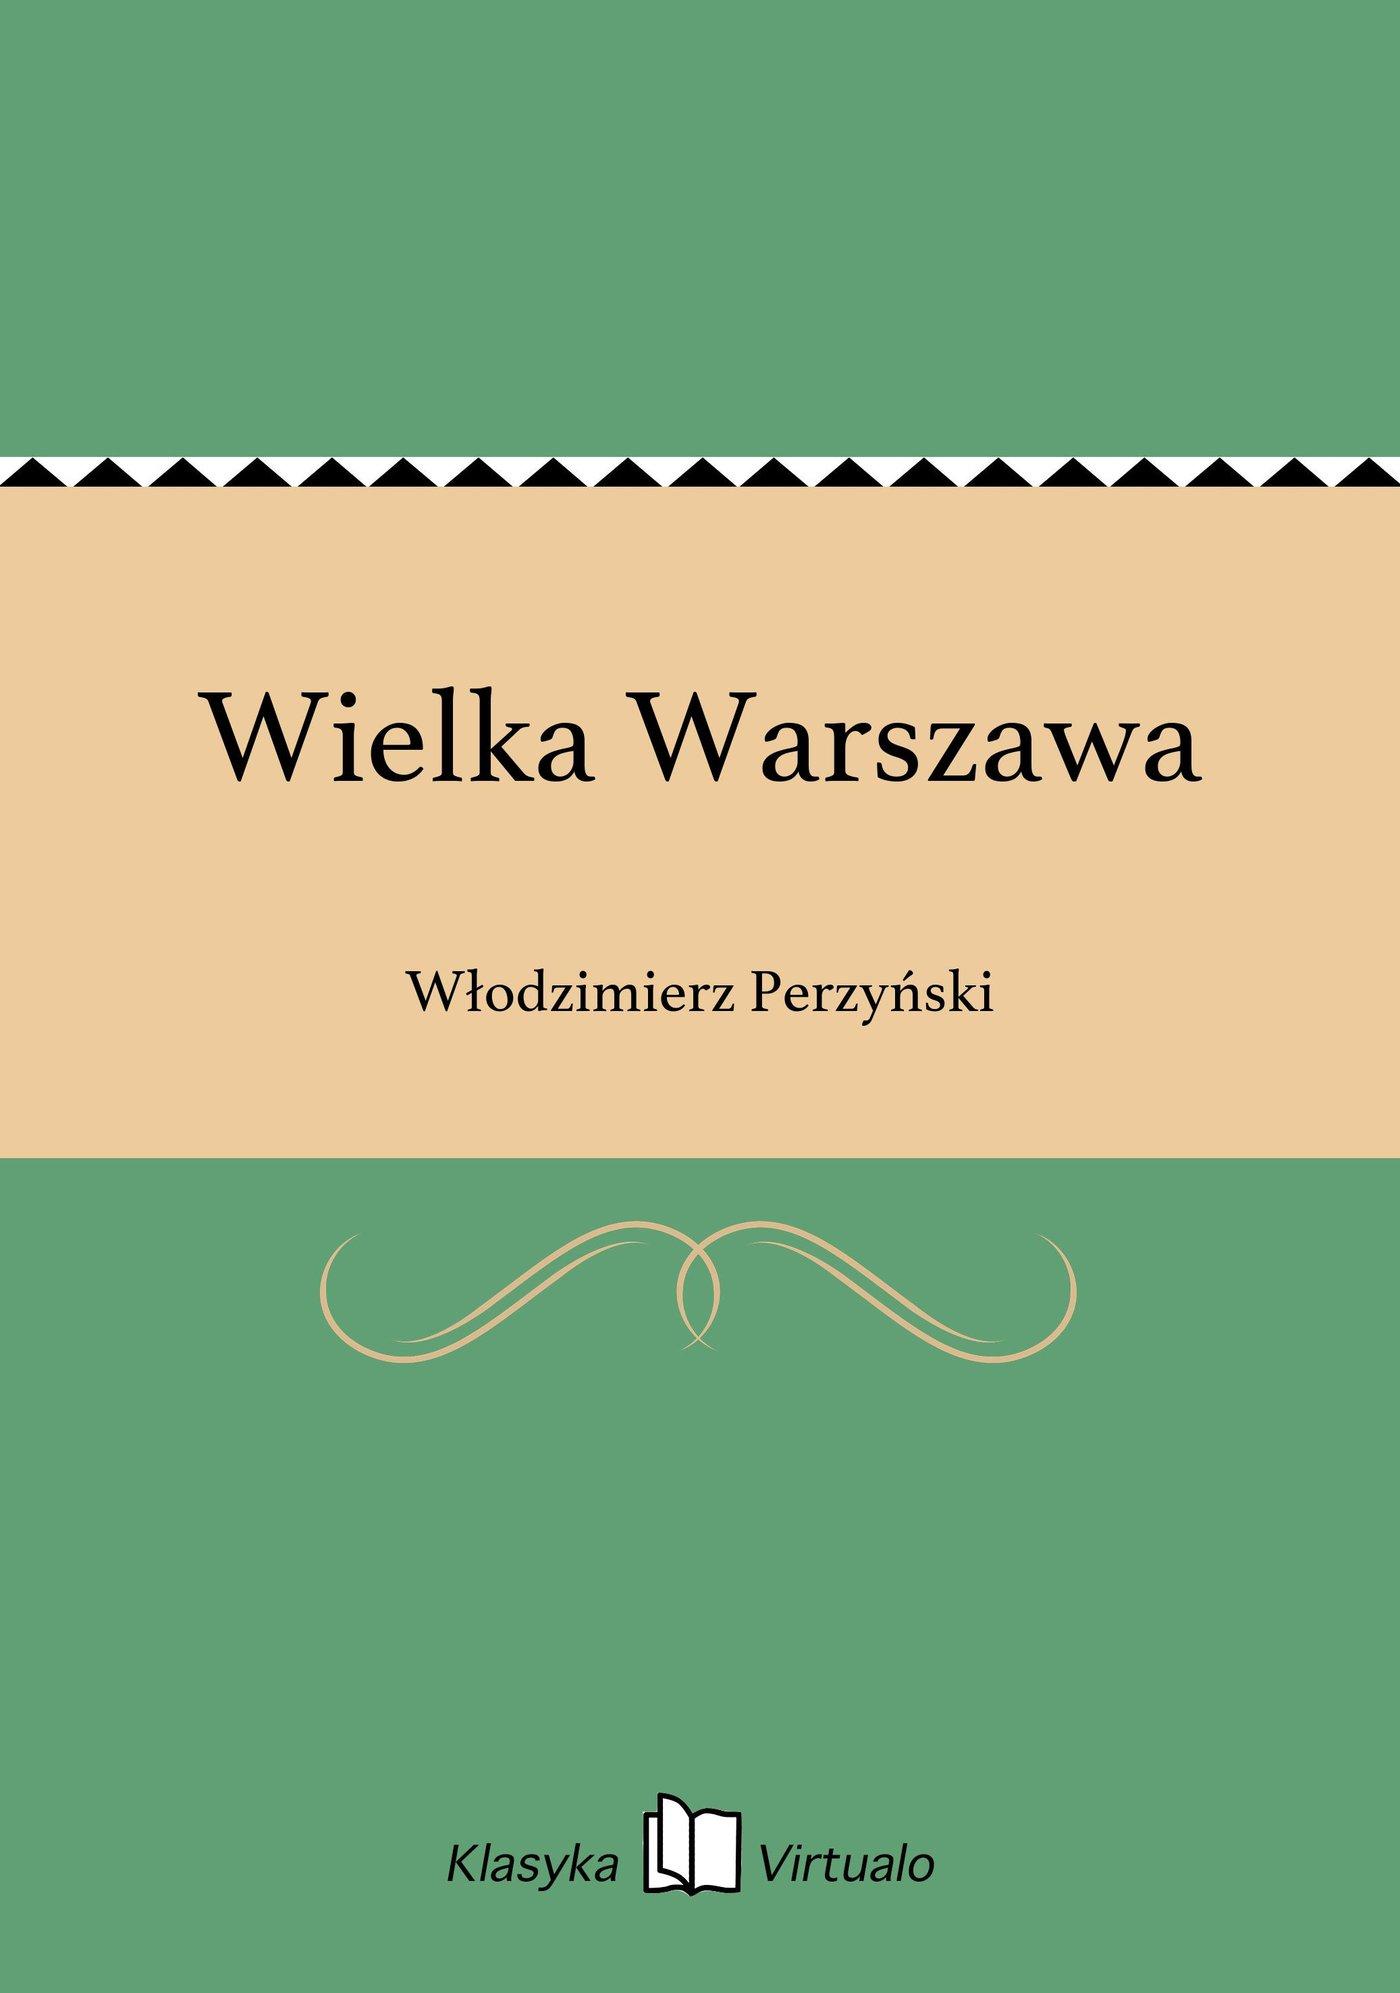 Wielka Warszawa - Ebook (Książka na Kindle) do pobrania w formacie MOBI